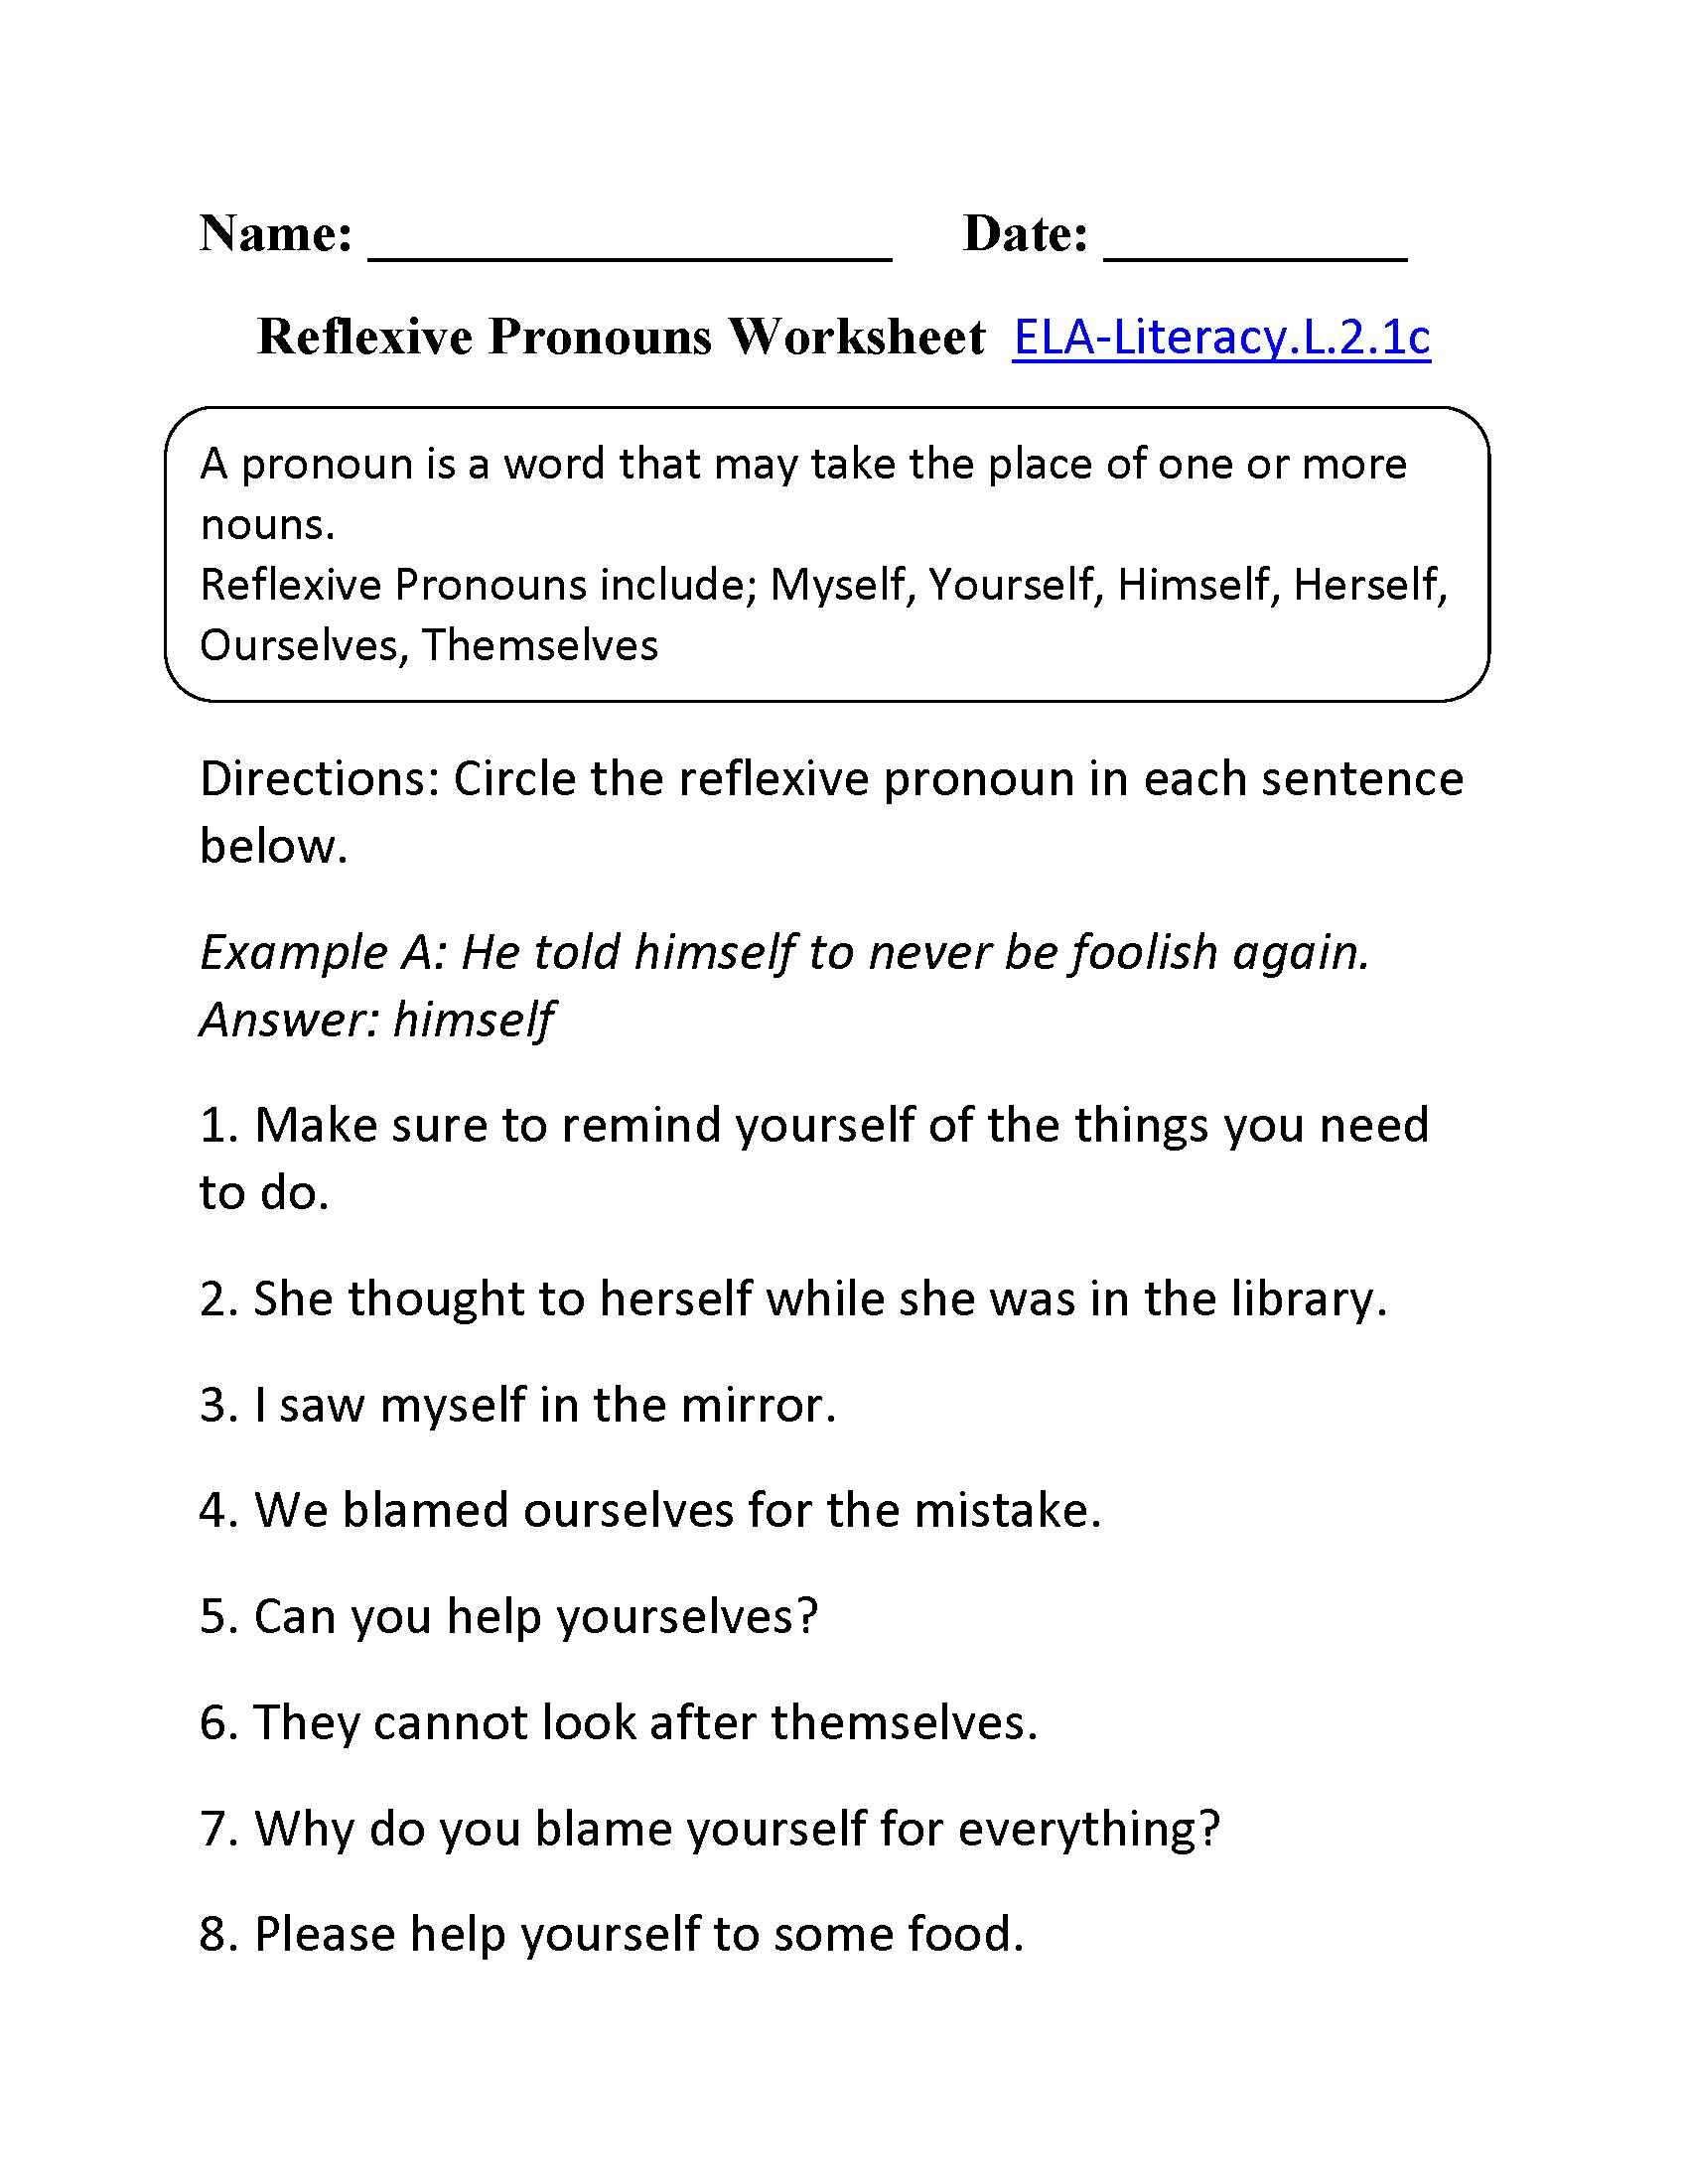 10 Best Pronouns exercises ideas   pronouns exercises [ 2200 x 1700 Pixel ]